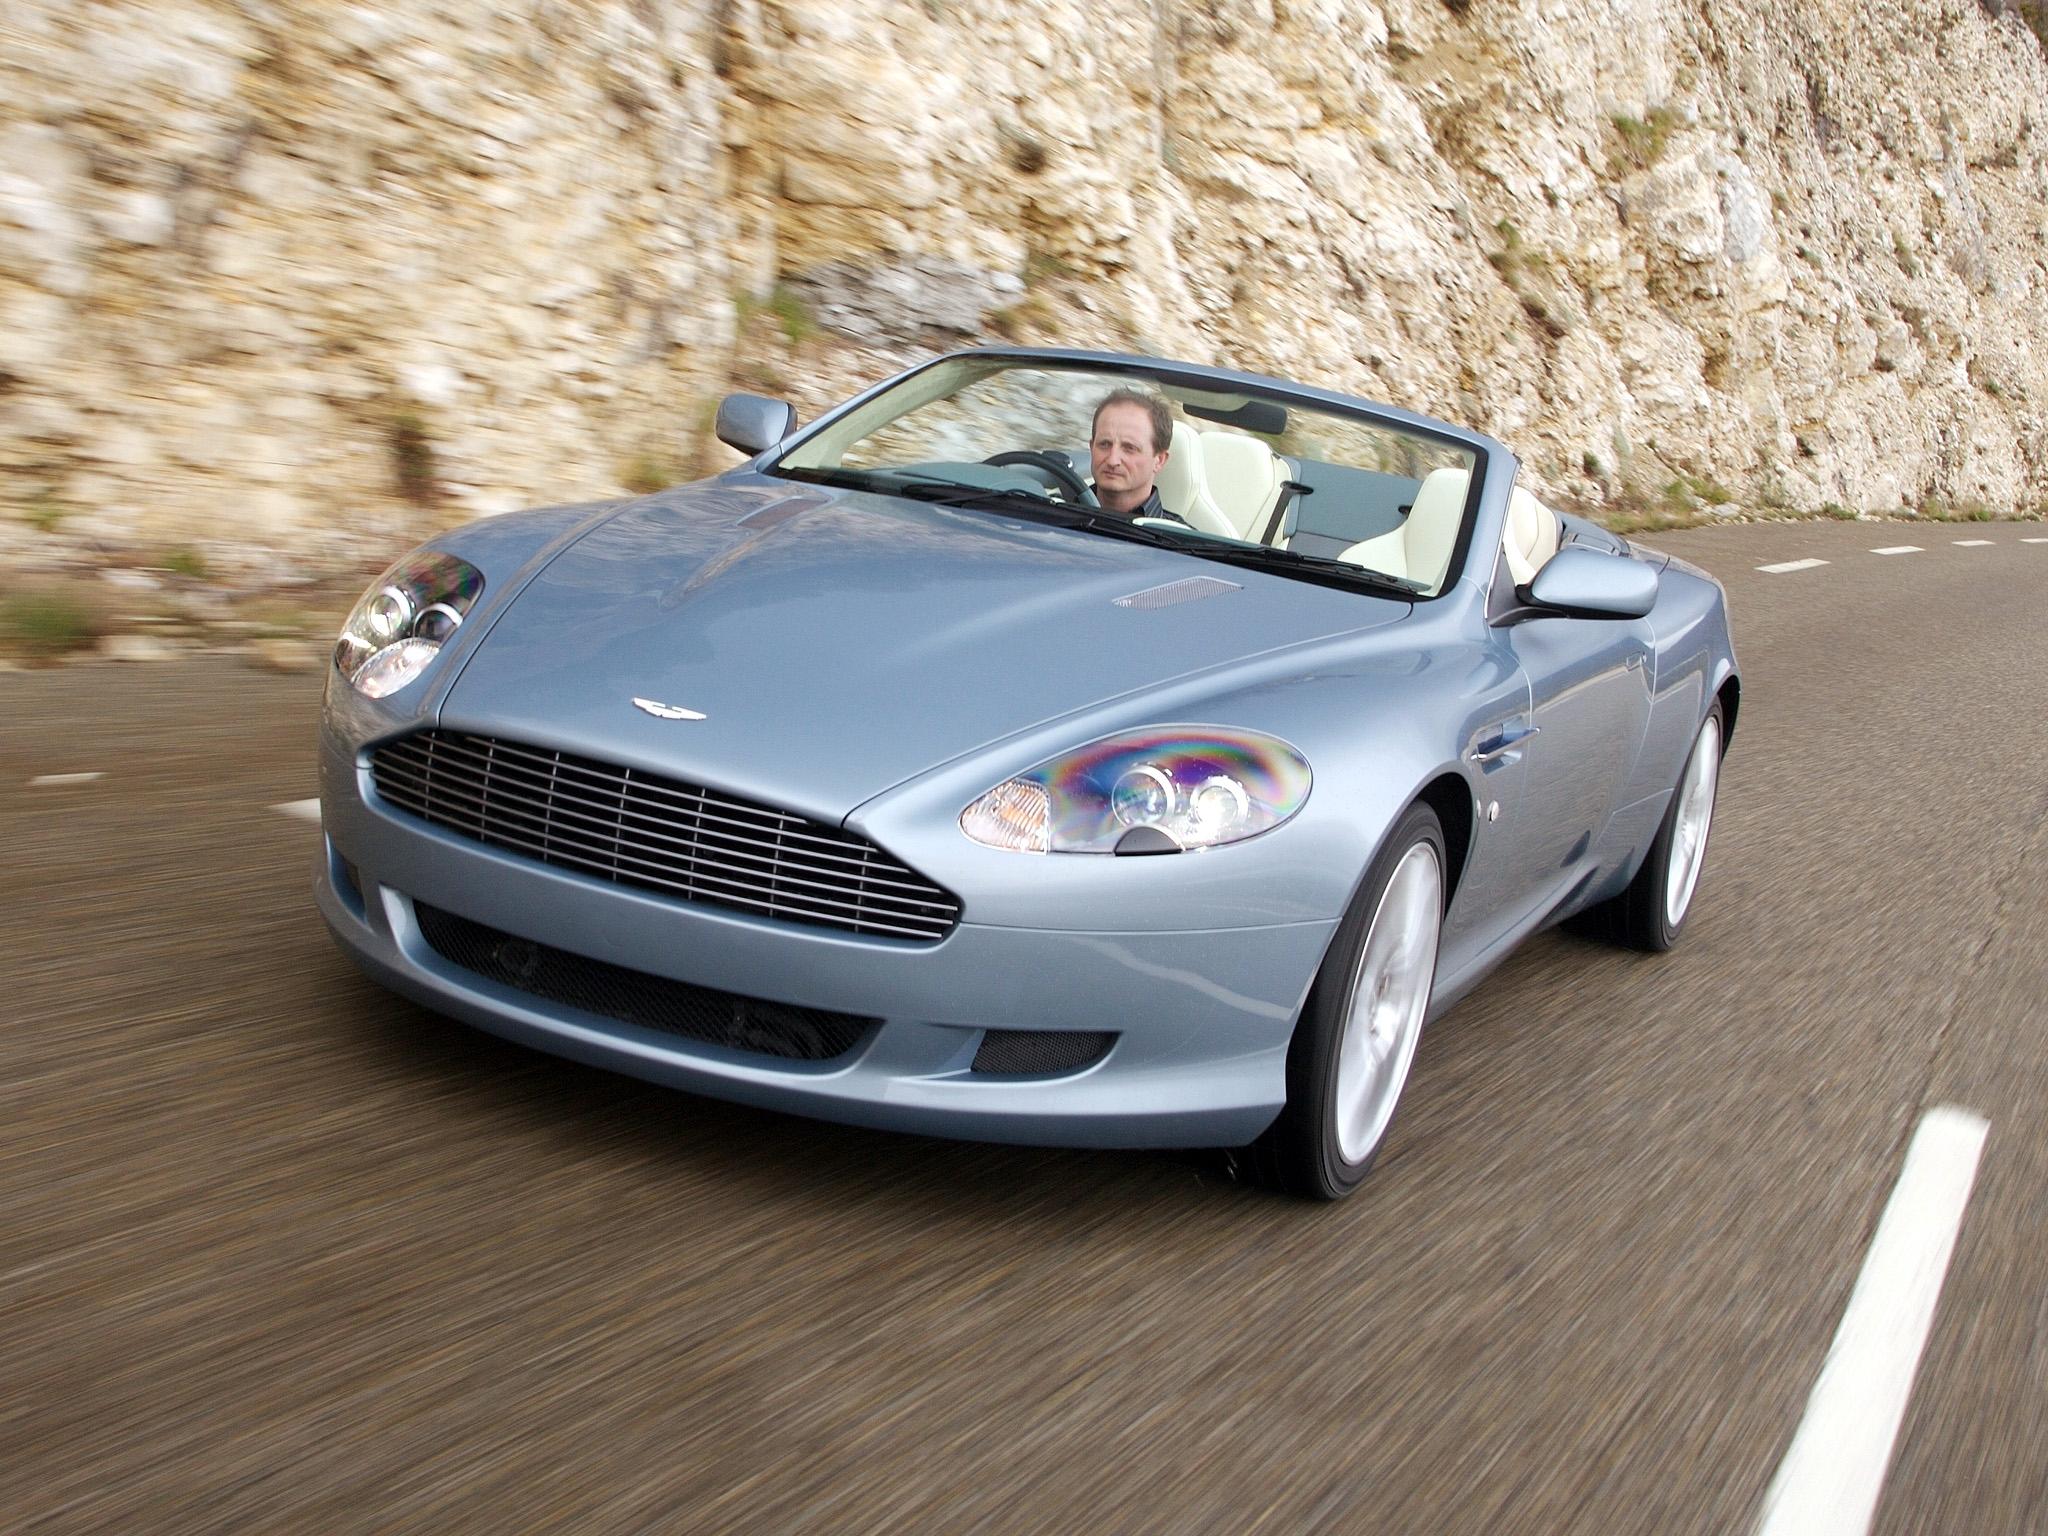 131953 скачать обои Спорт, Машины, Астон Мартин (Aston Martin), Тачки (Cars), Голубой, Вид Спереди, Скорость, 2004, Db9 - заставки и картинки бесплатно